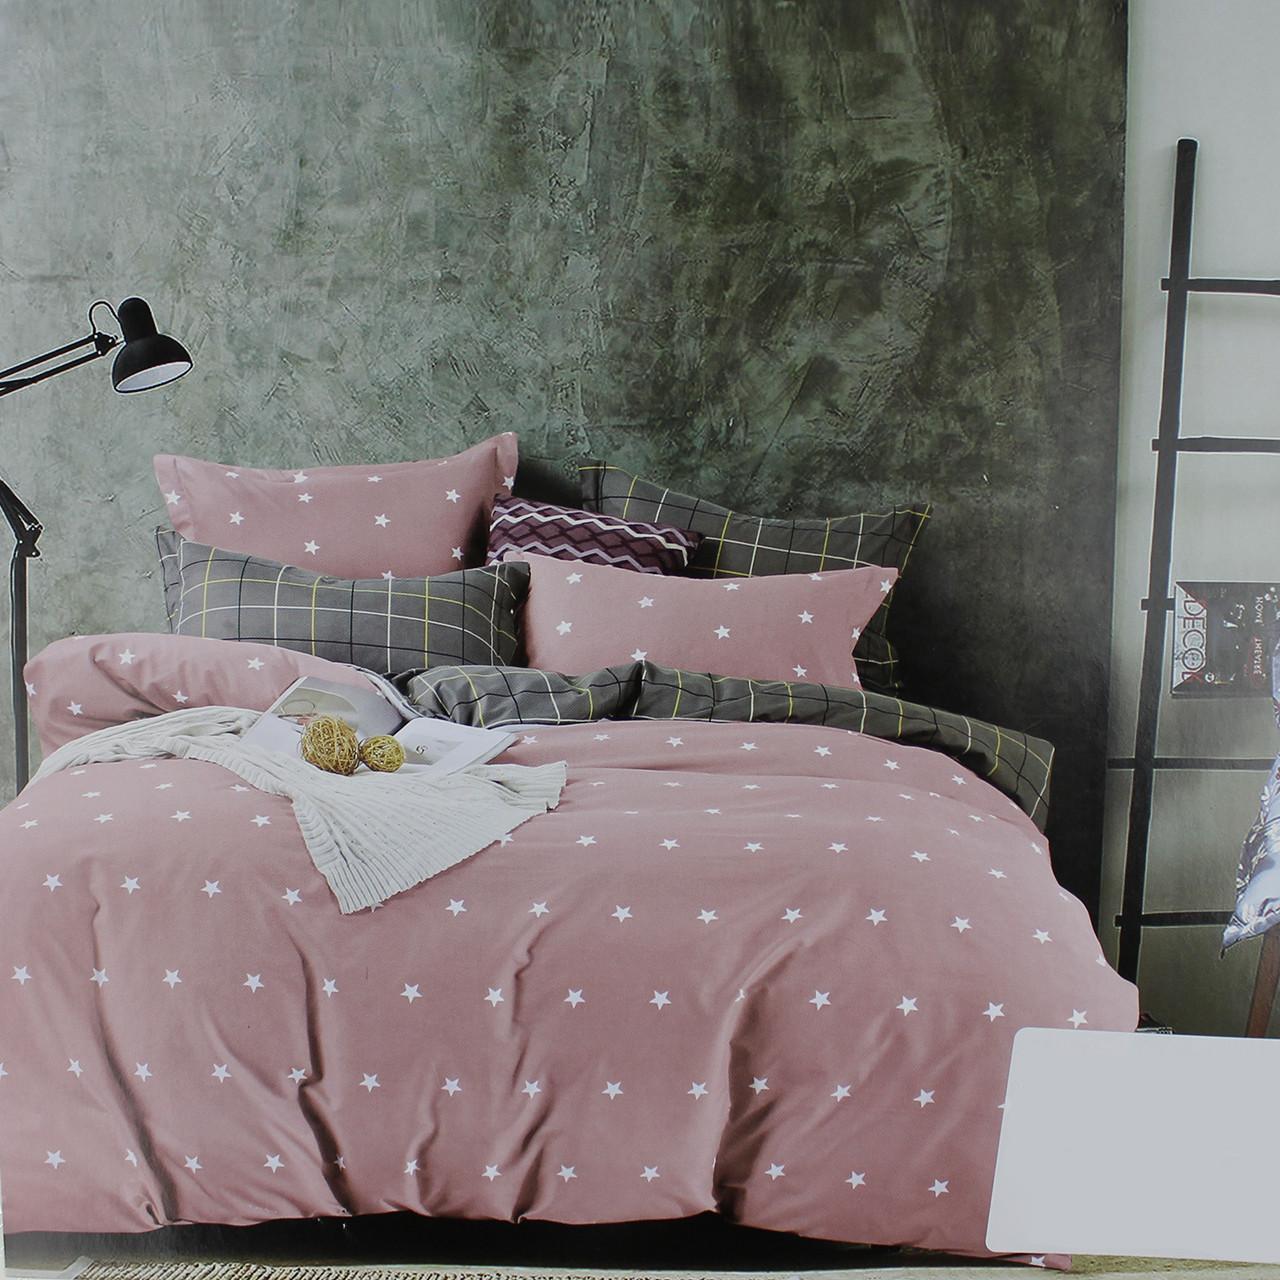 Комплект постельного белья евроразмер сатин розовый Звезды Koloco